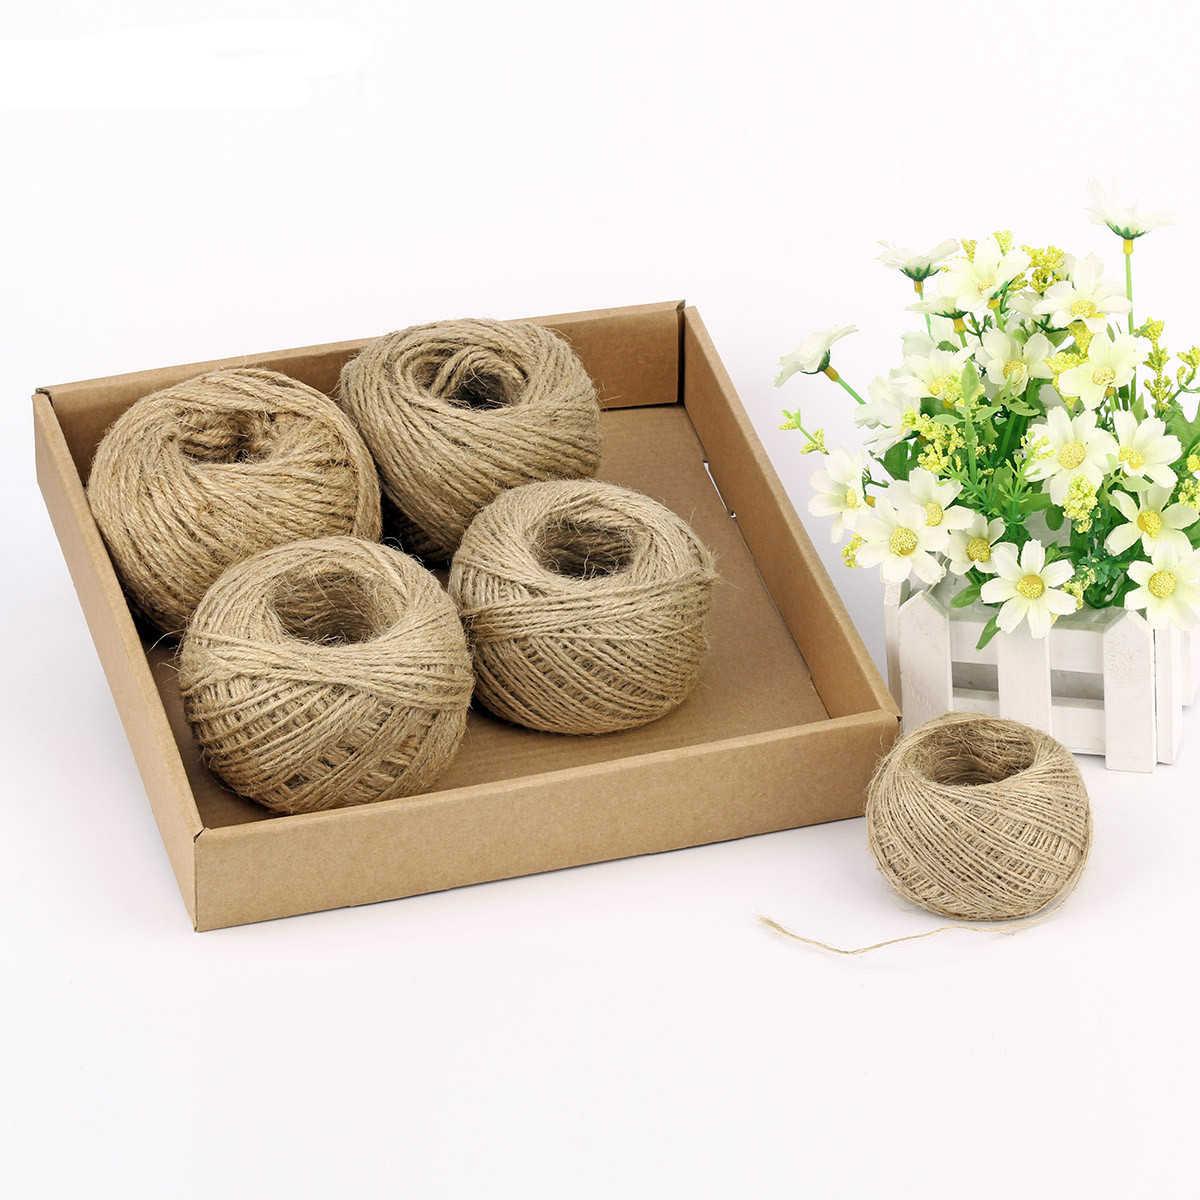 1mm-4mm/Roll Natural Serapilheira Texturizado Cabo de Fio de Corda de Cânhamo Para A Festa de Casamento DIY papel de Embrulho cords Tópico LYQ